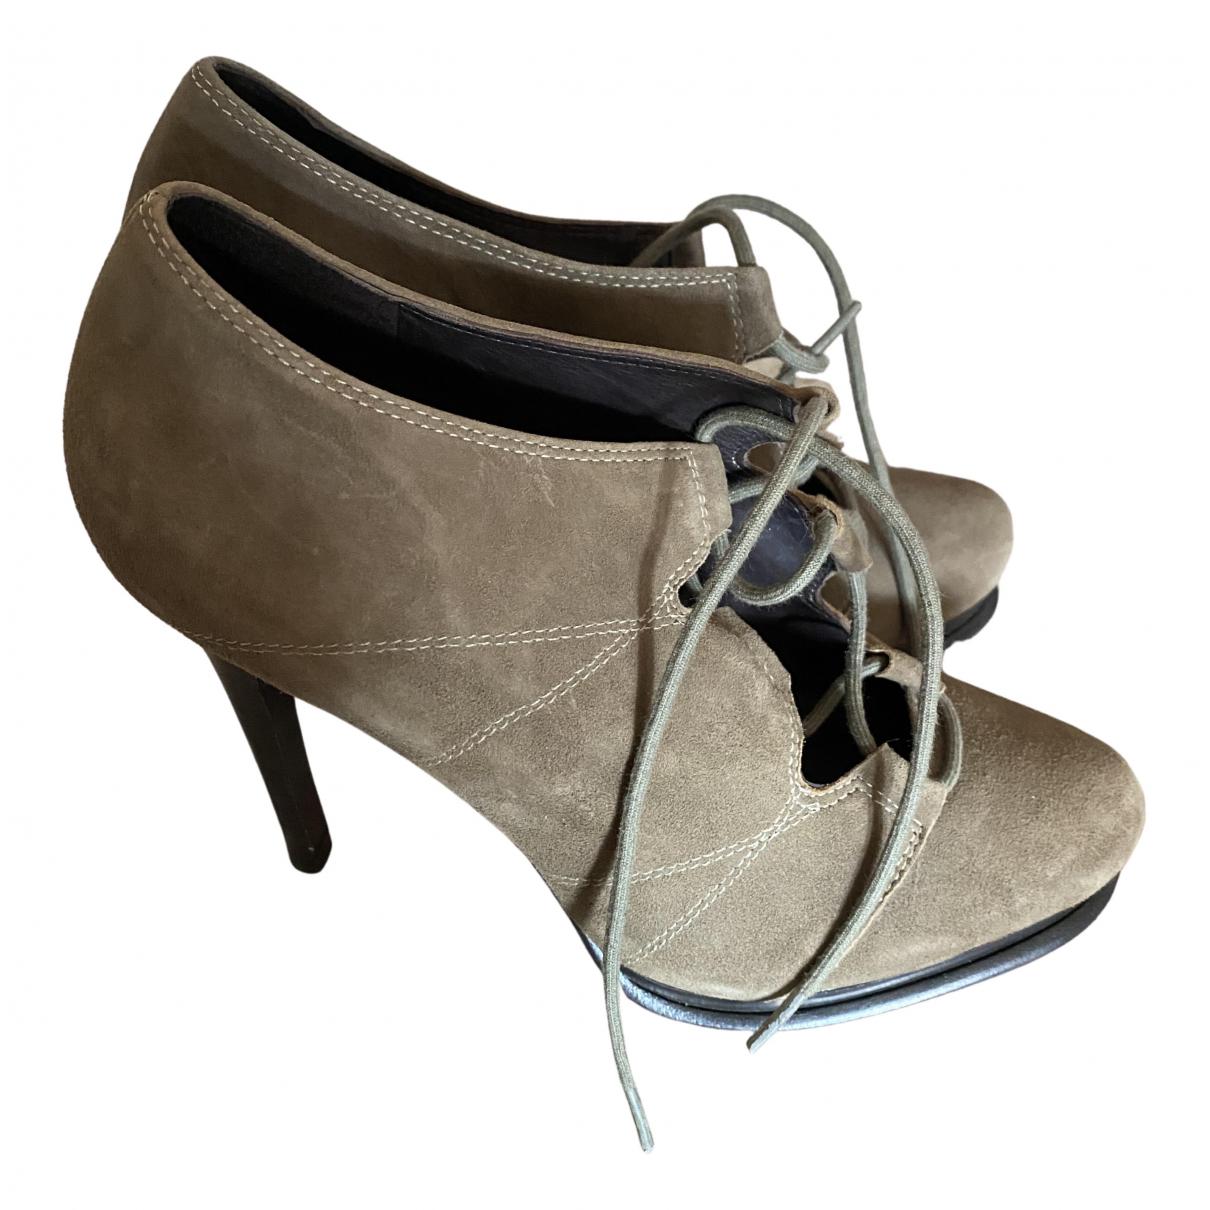 Diane Von Furstenberg \N Stiefel in  Khaki Veloursleder